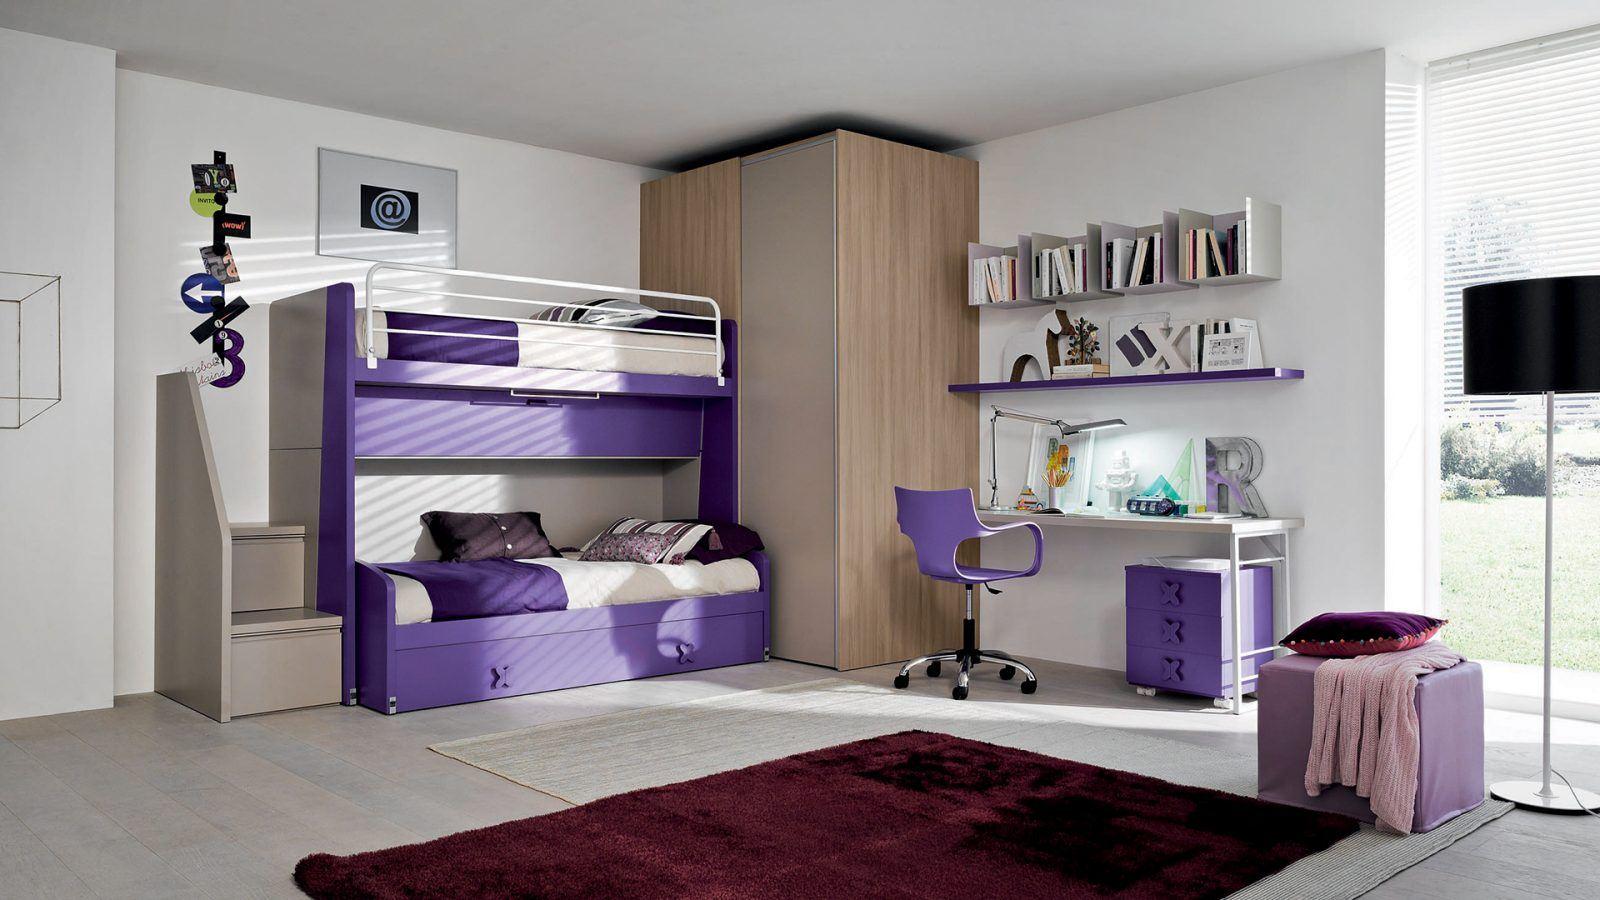 Ikea camera ispirazioni letto da - Camera da letto per ragazzi ...